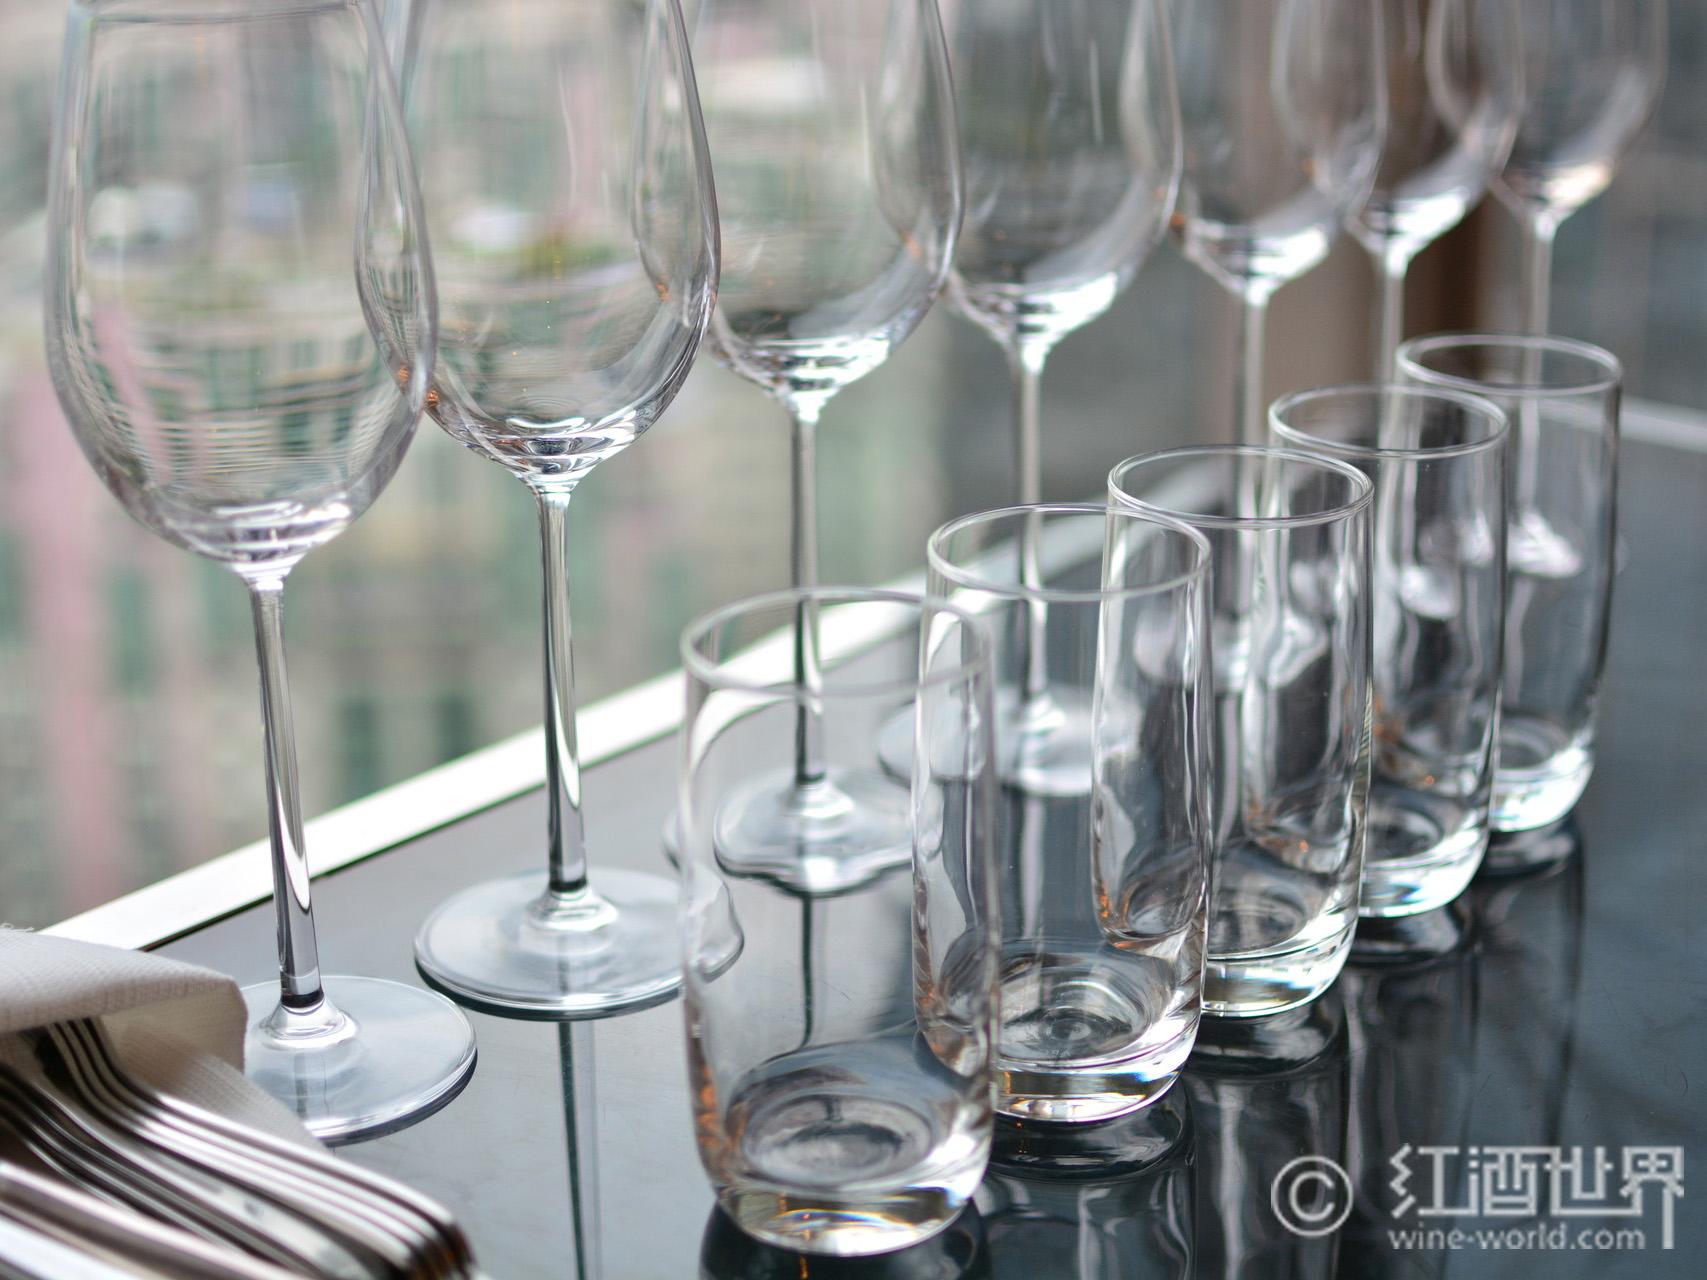 教你如何正确清洗酒杯